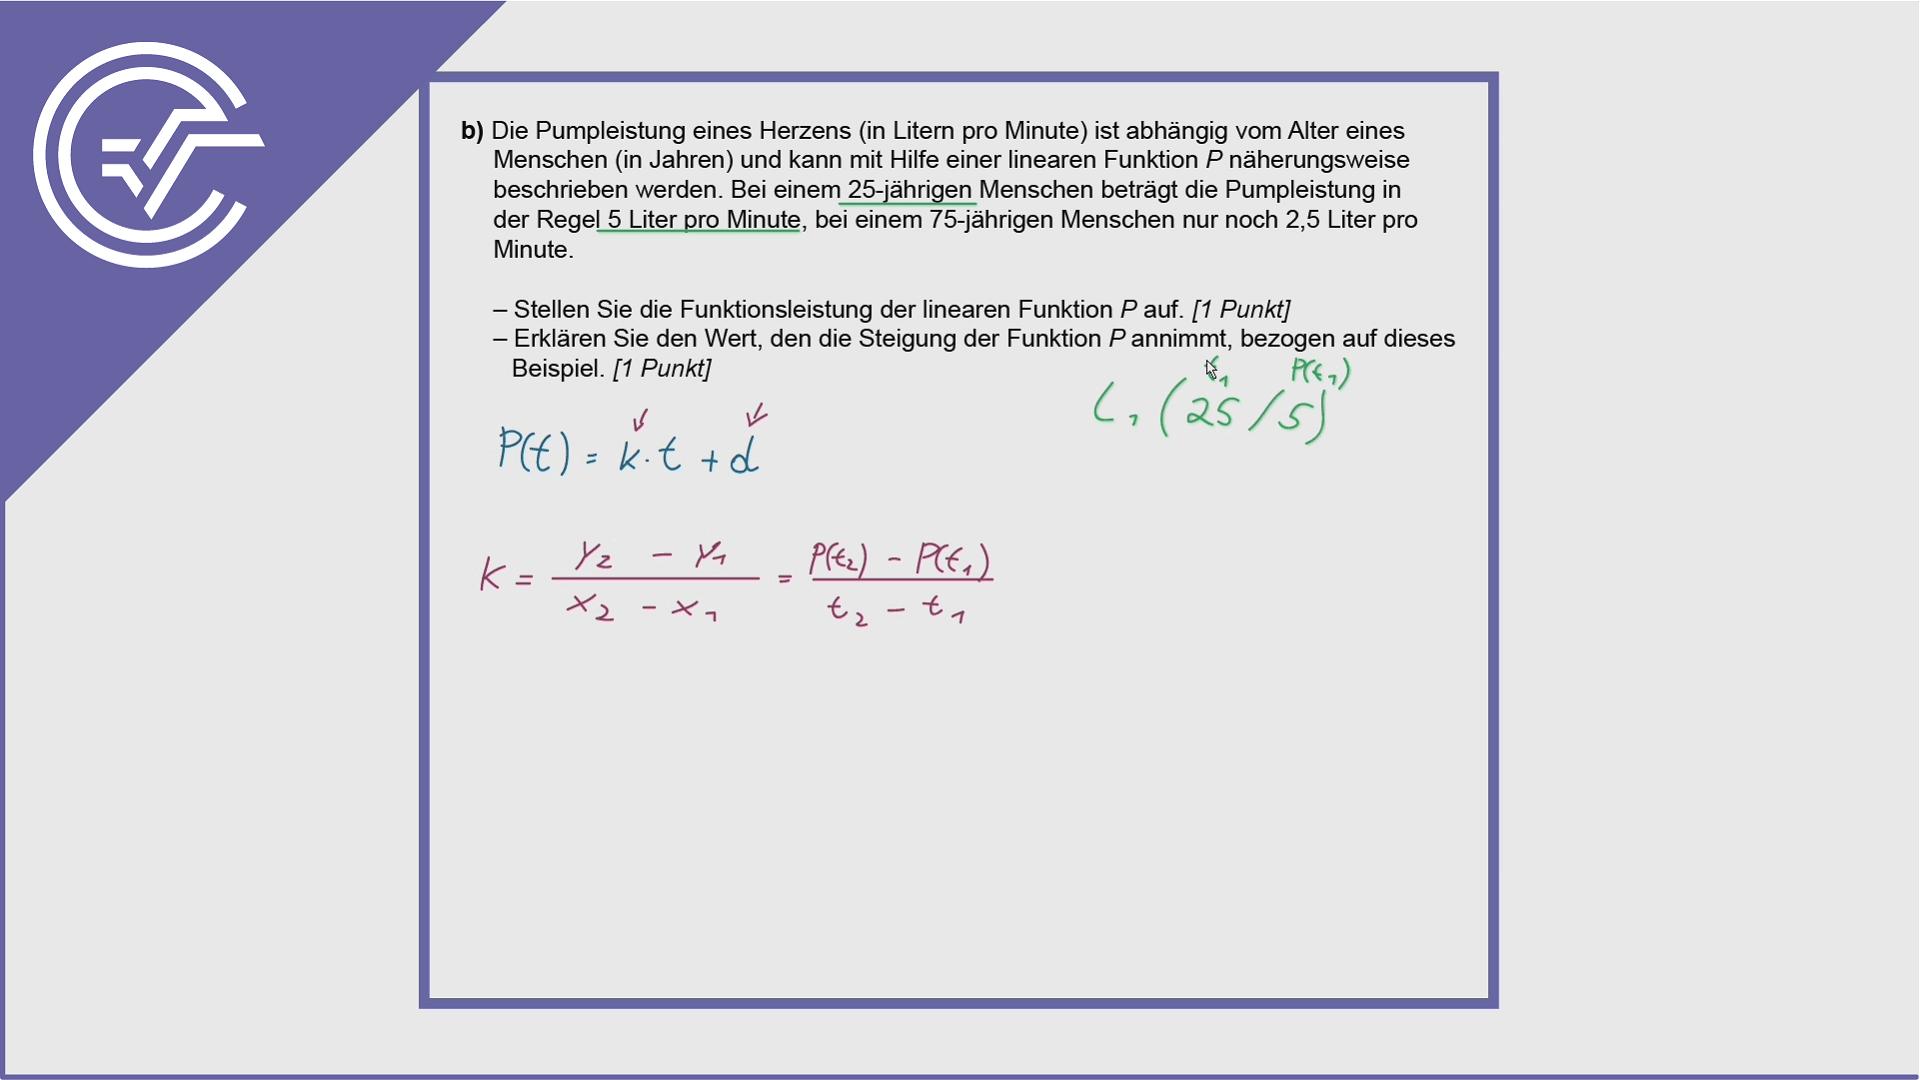 BHS Zentralmatura Aufgabe 4b - Differenzenquotienten